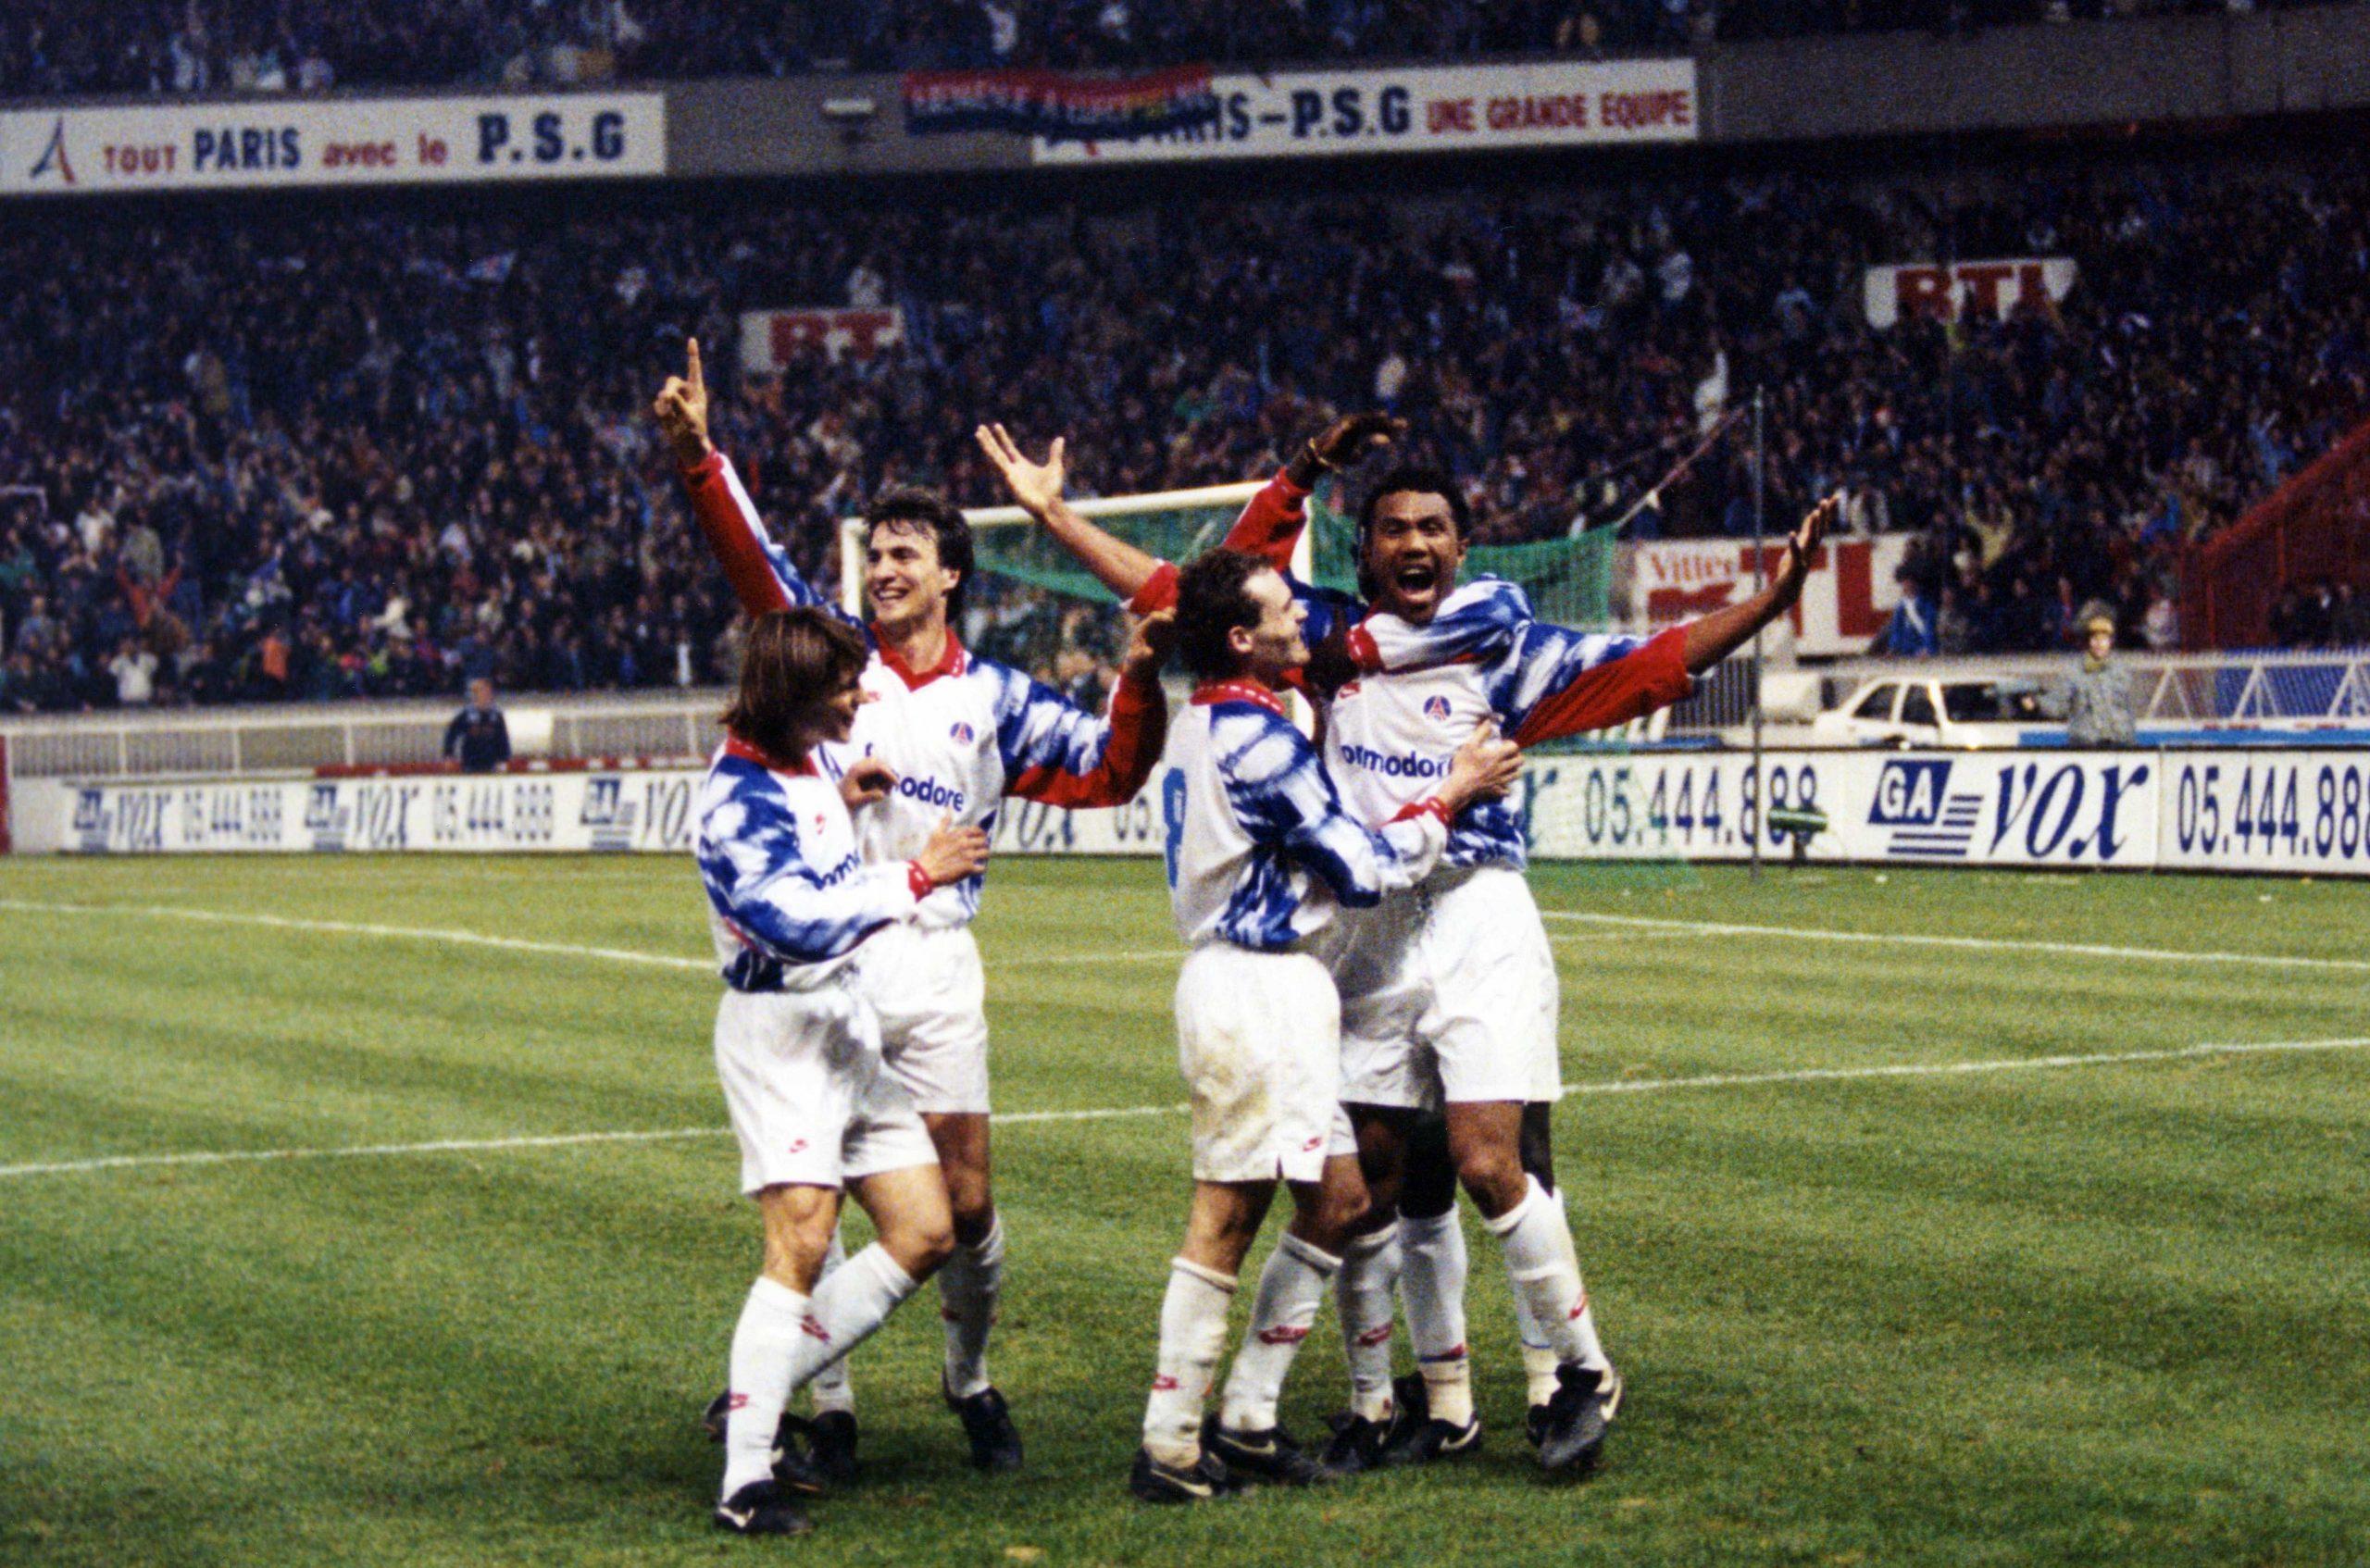 Le programme des rediffusions sur PSG TV cette semaine : Soirée historique et titre en Ligue 1